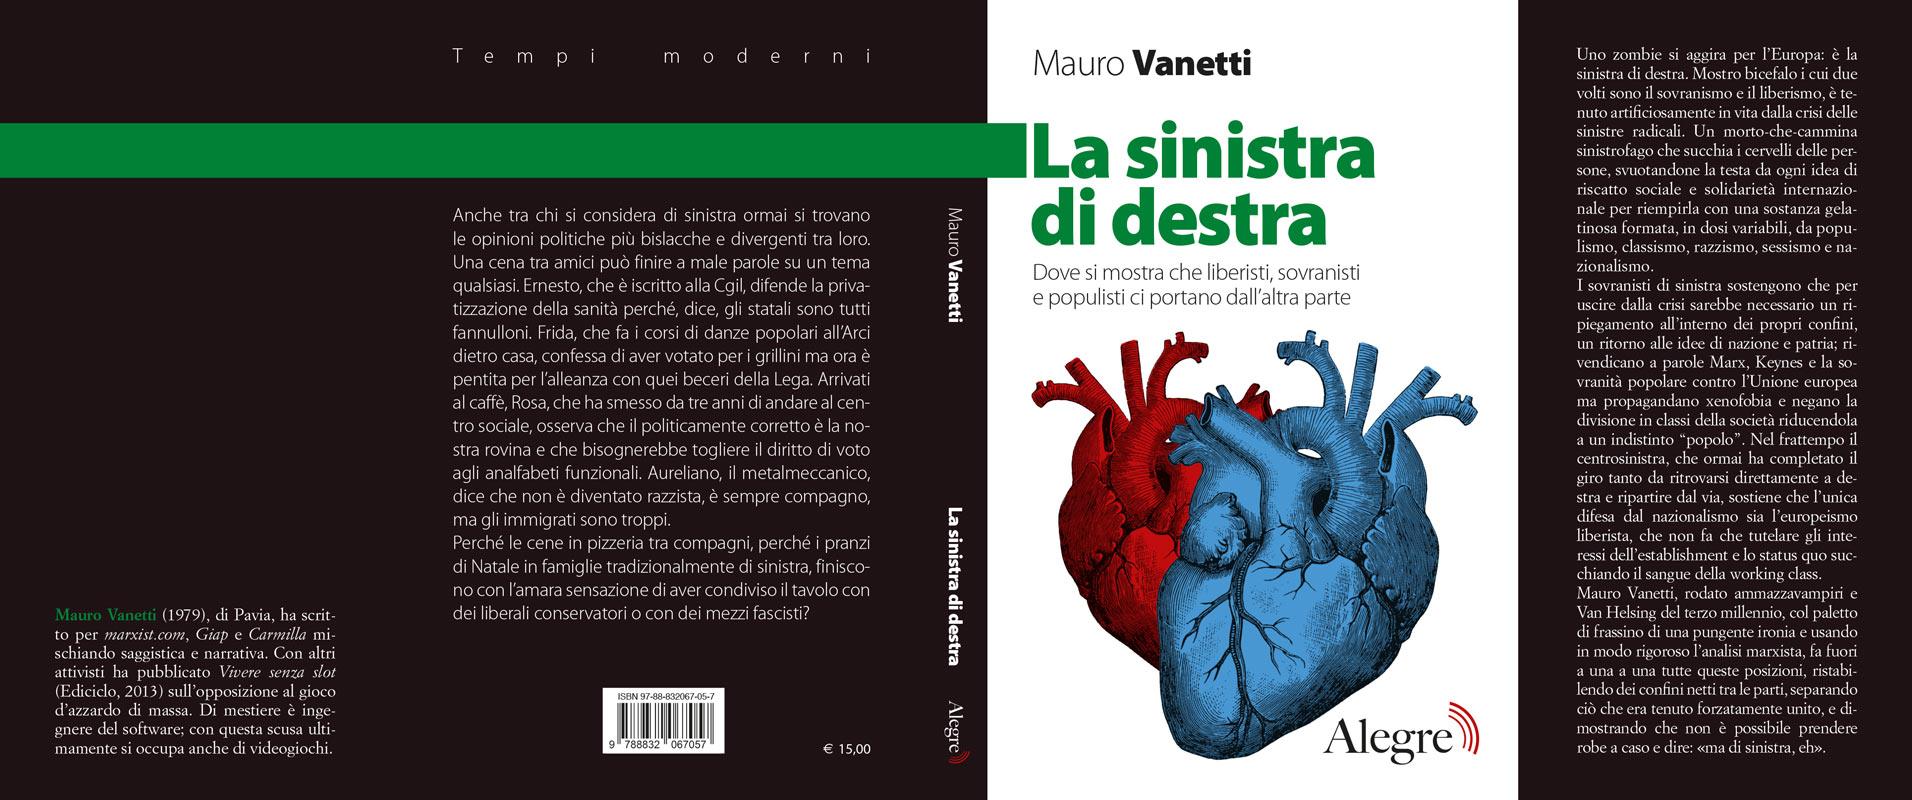 Mauro Vanetti, La sinistra di destra, stesa